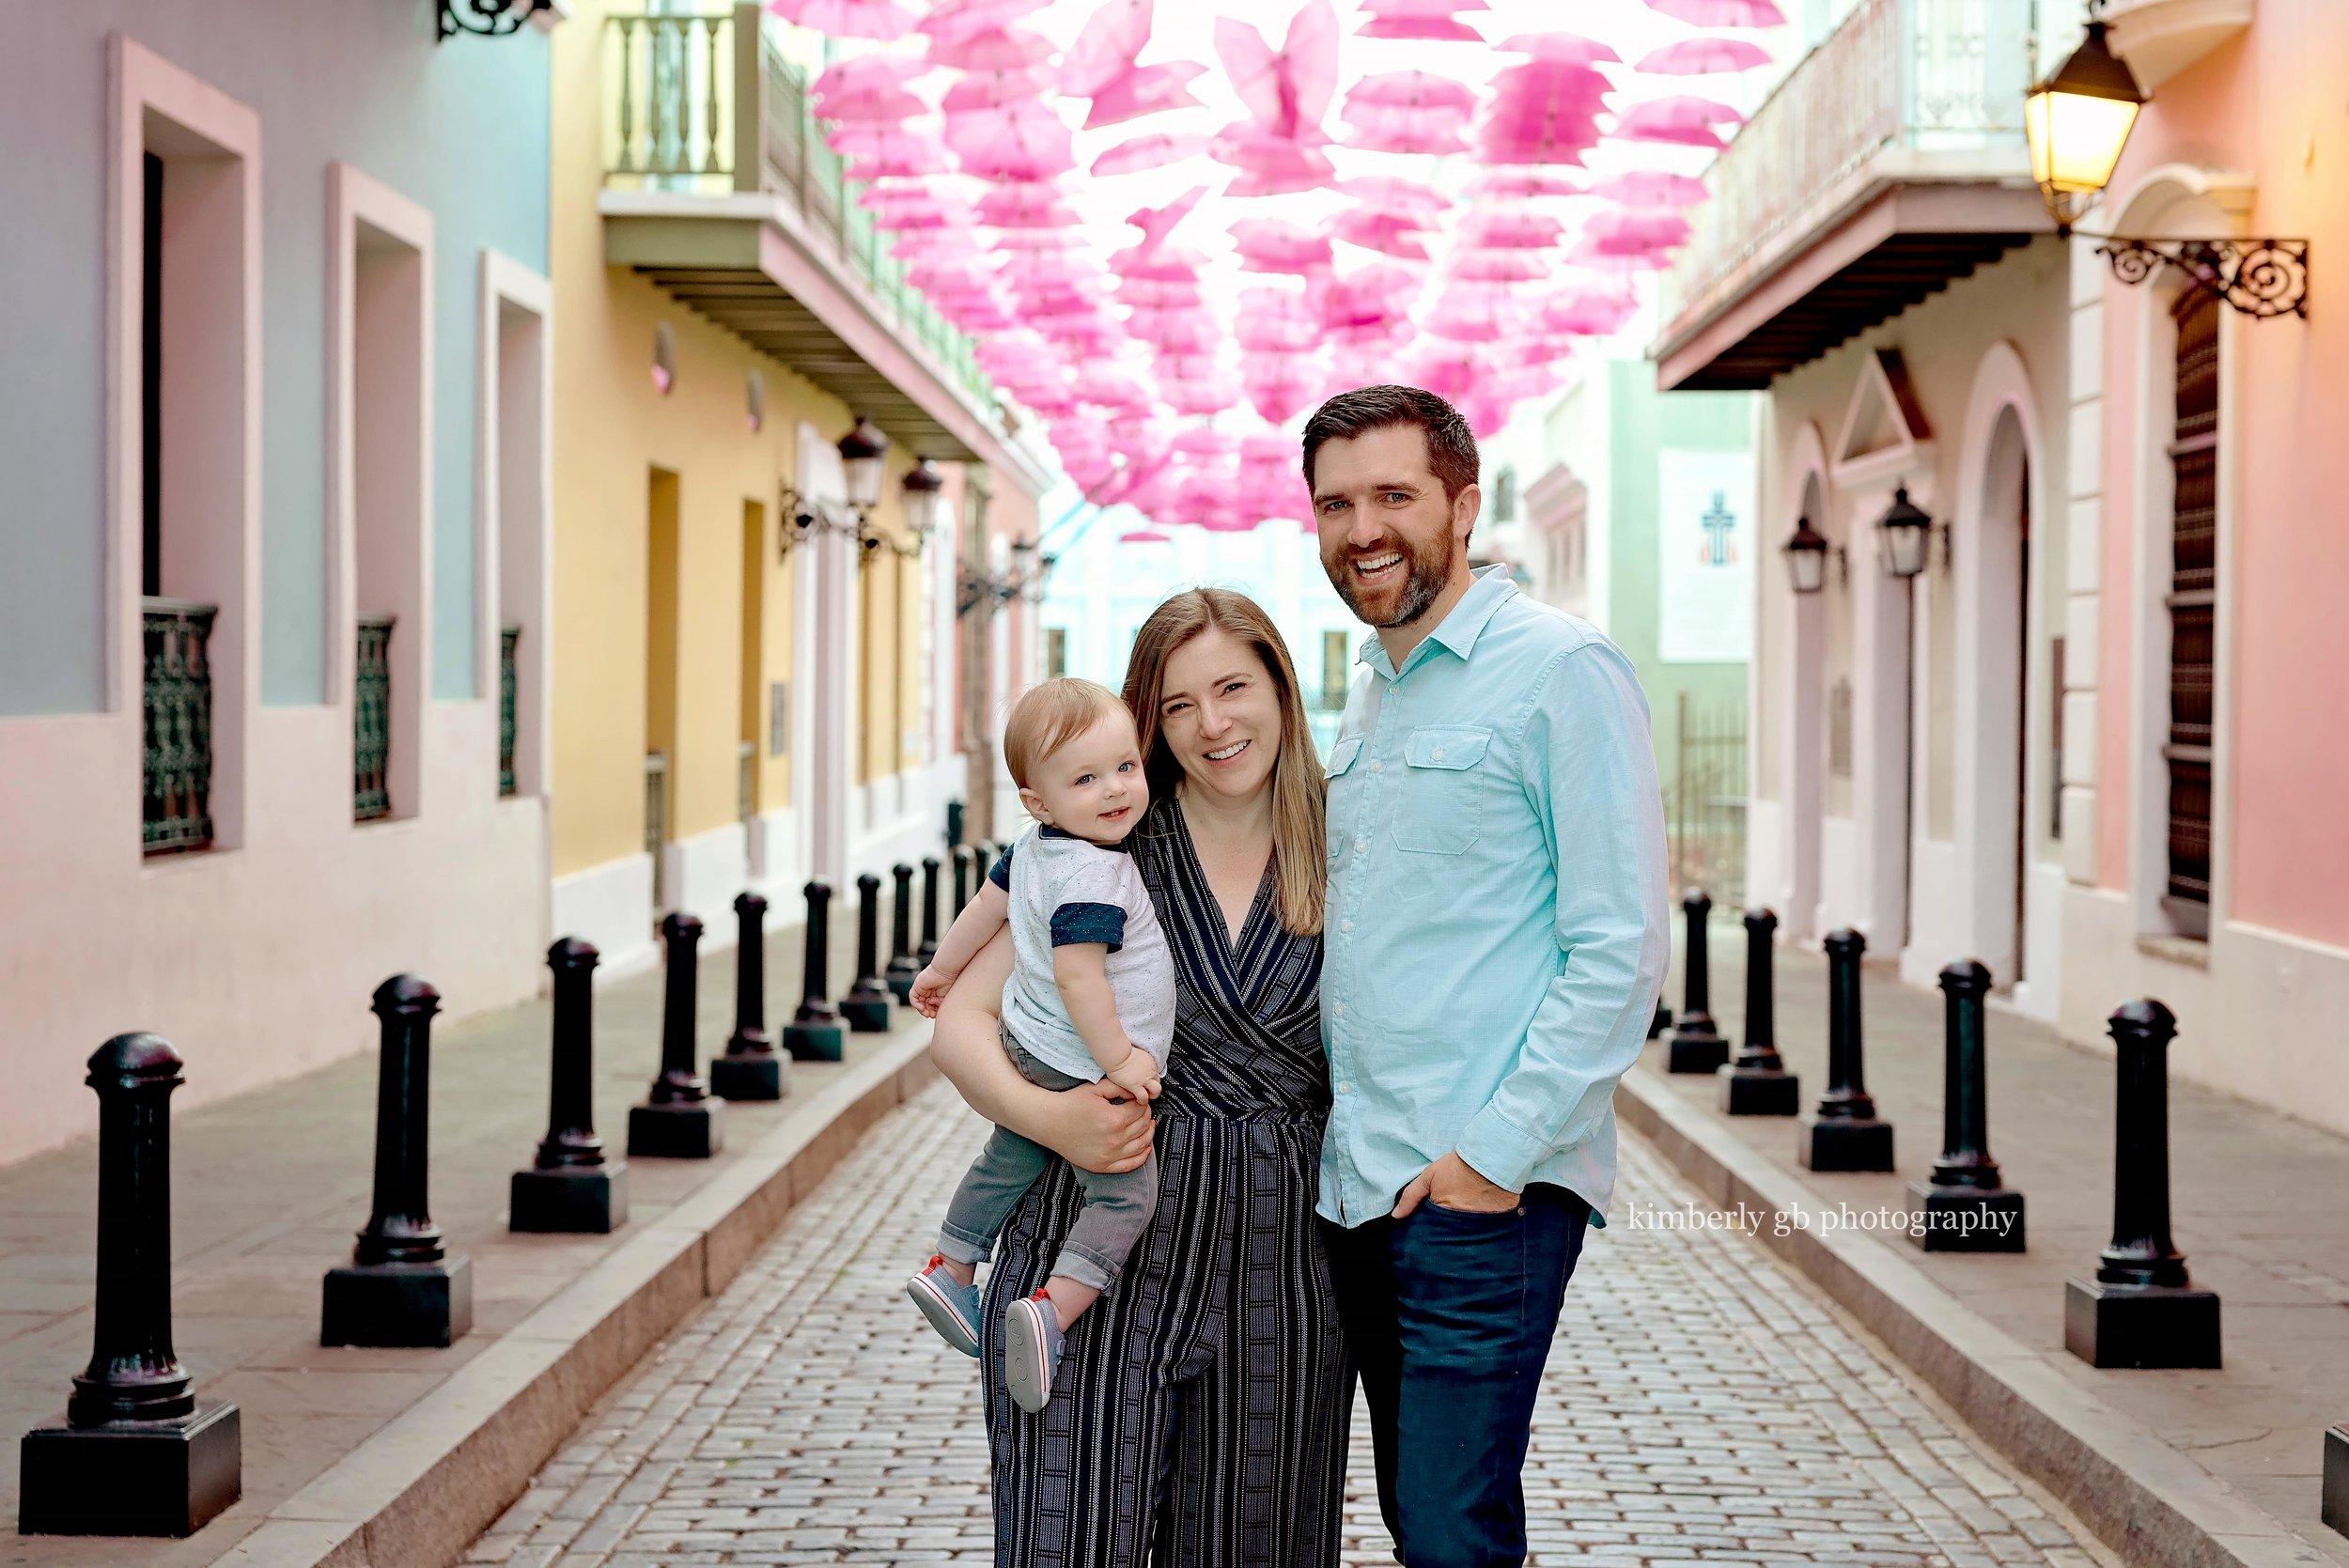 kimberly-gb-photography-fotografa-portrait-retrato-family-familia-puerto-rico-103.jpg